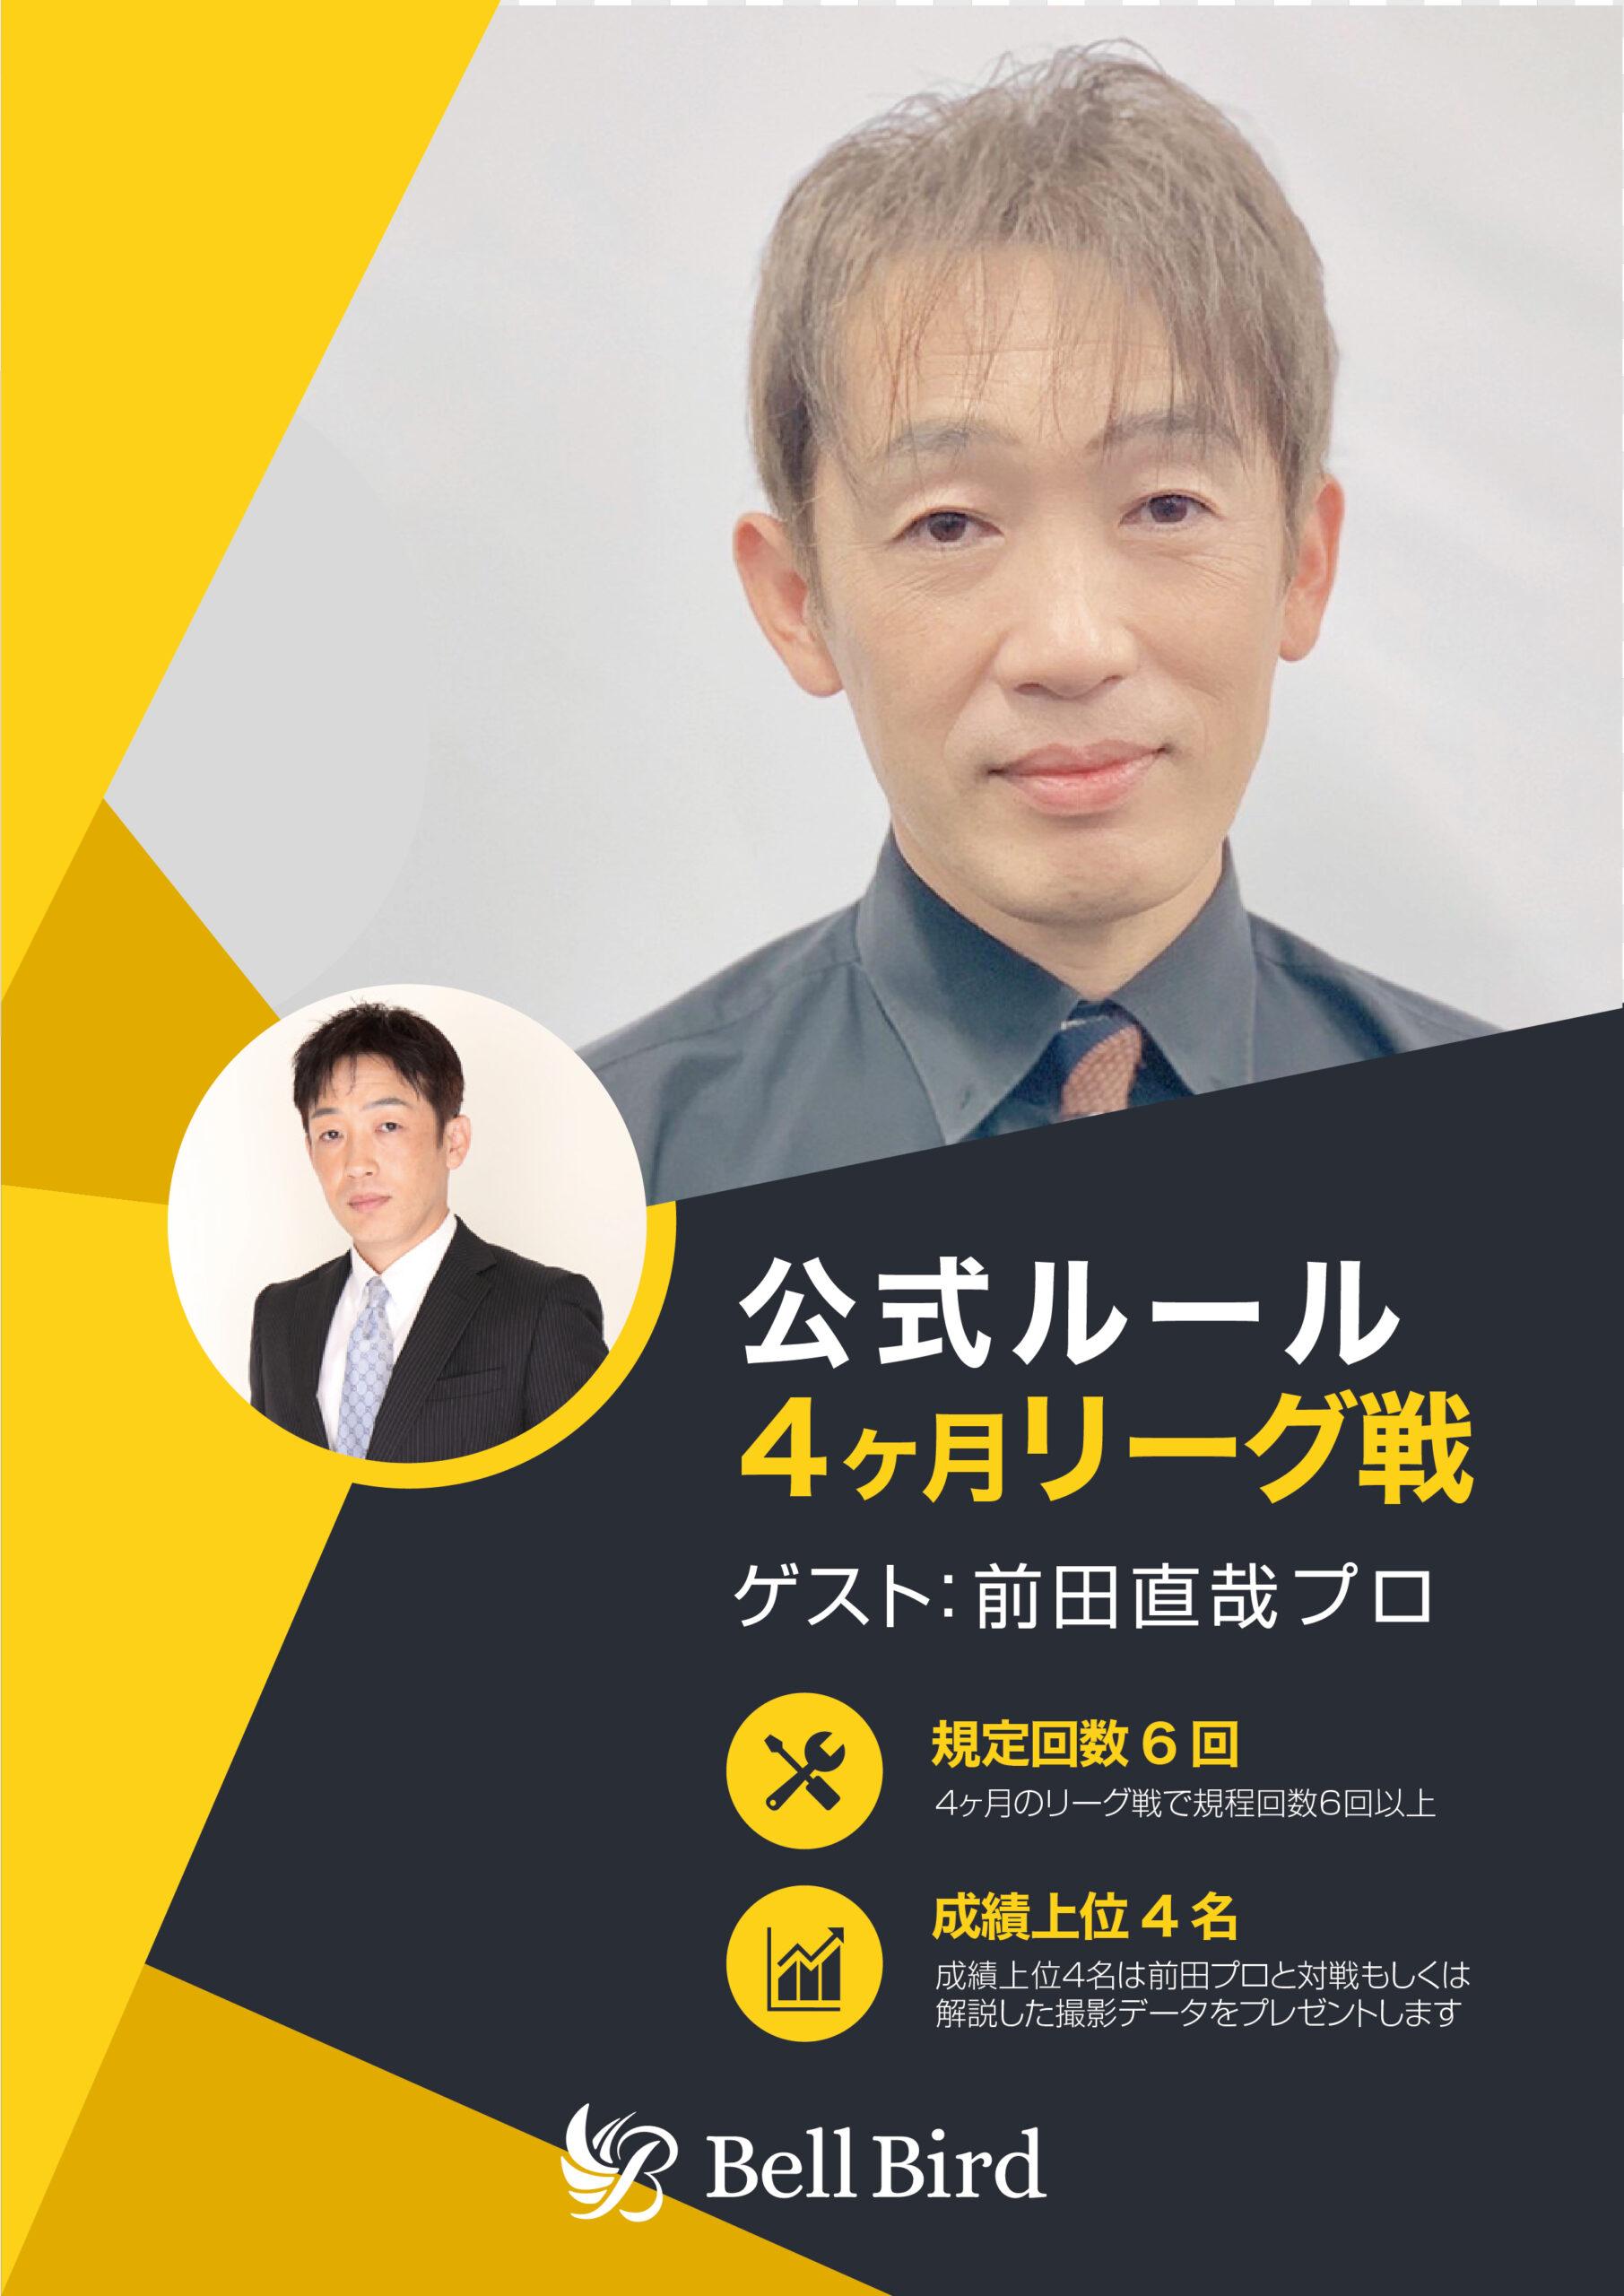 【リーグ戦】前田直哉プロ公式ルール!